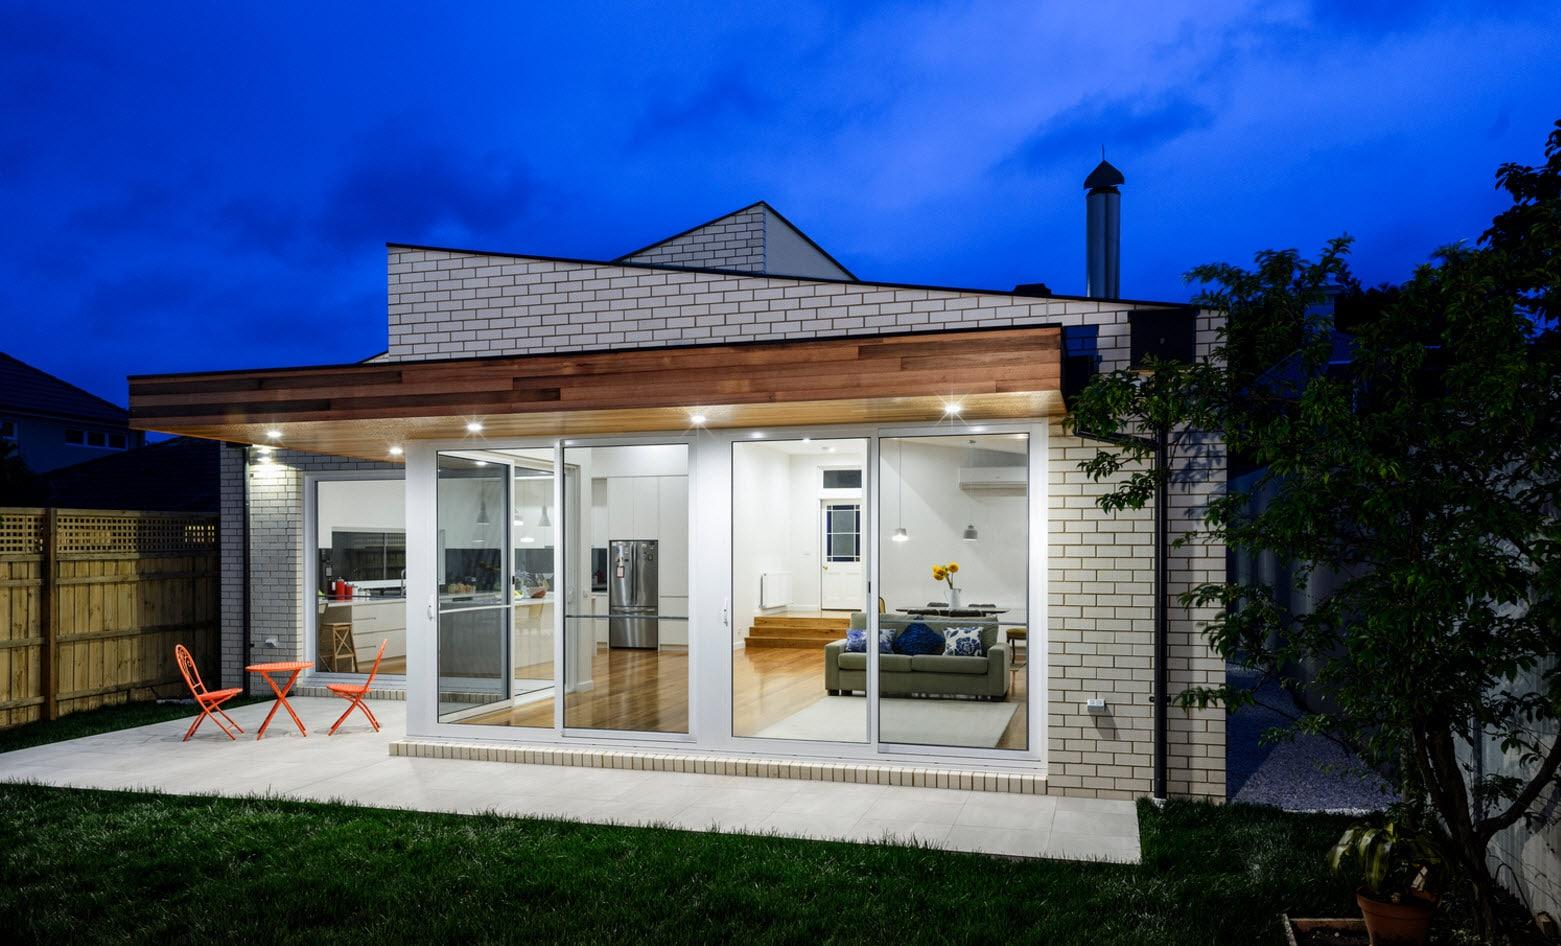 Dise o de casa moderna de un piso planos y fachadas for Casas modernas fachadas de un piso